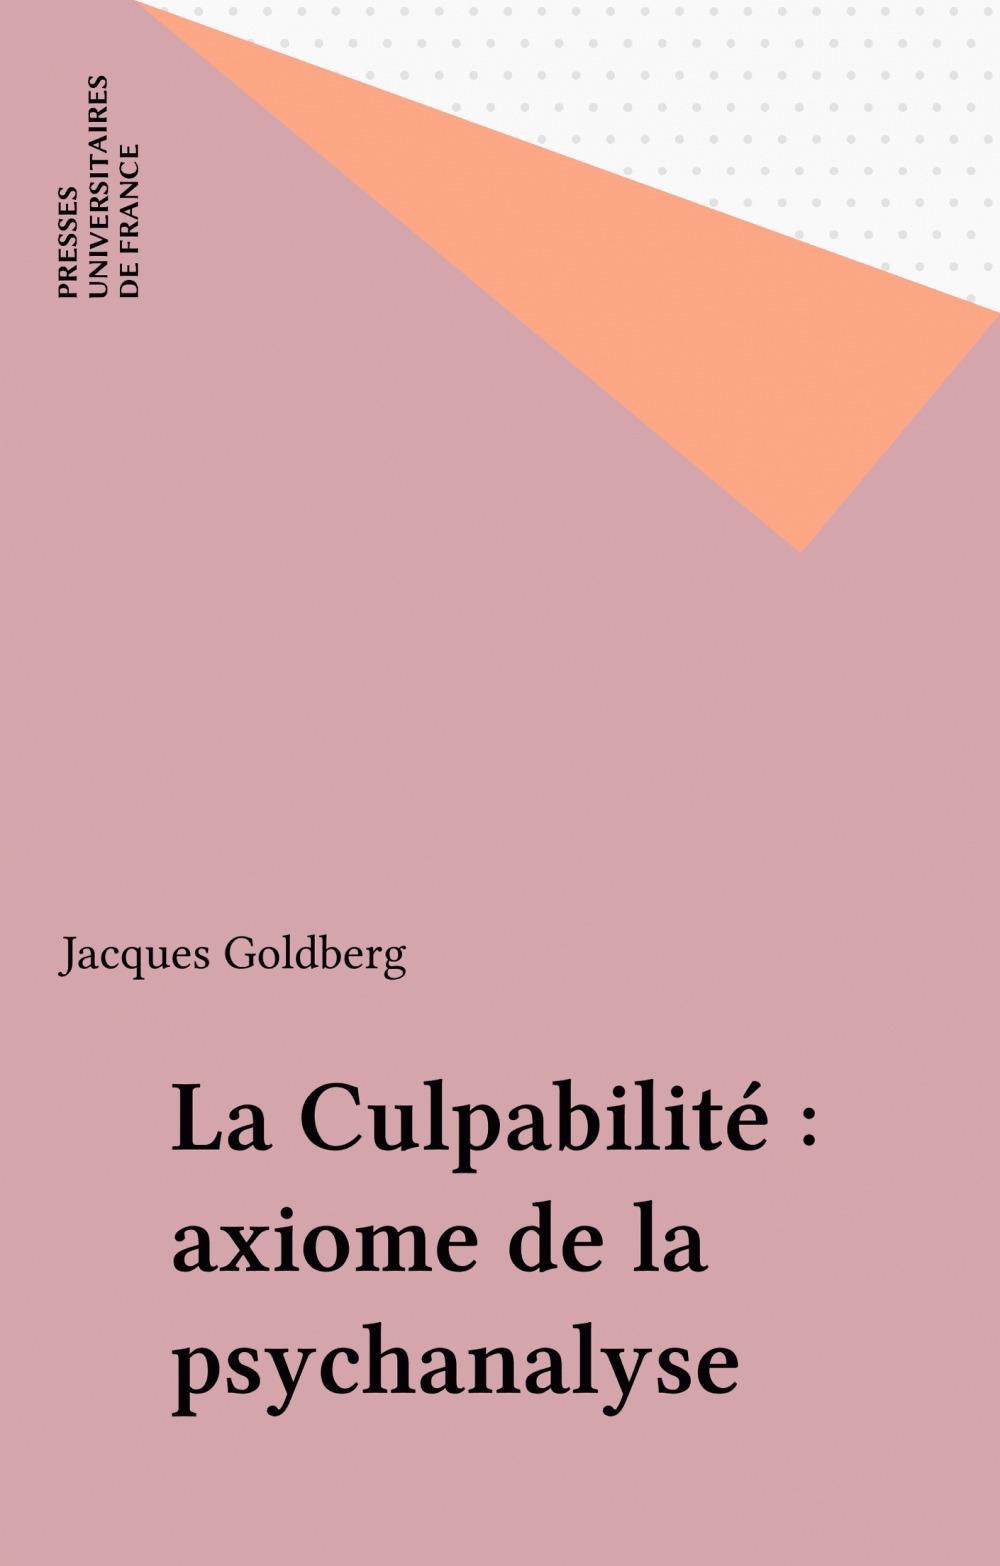 La Culpabilité : axiome de la psychanalyse